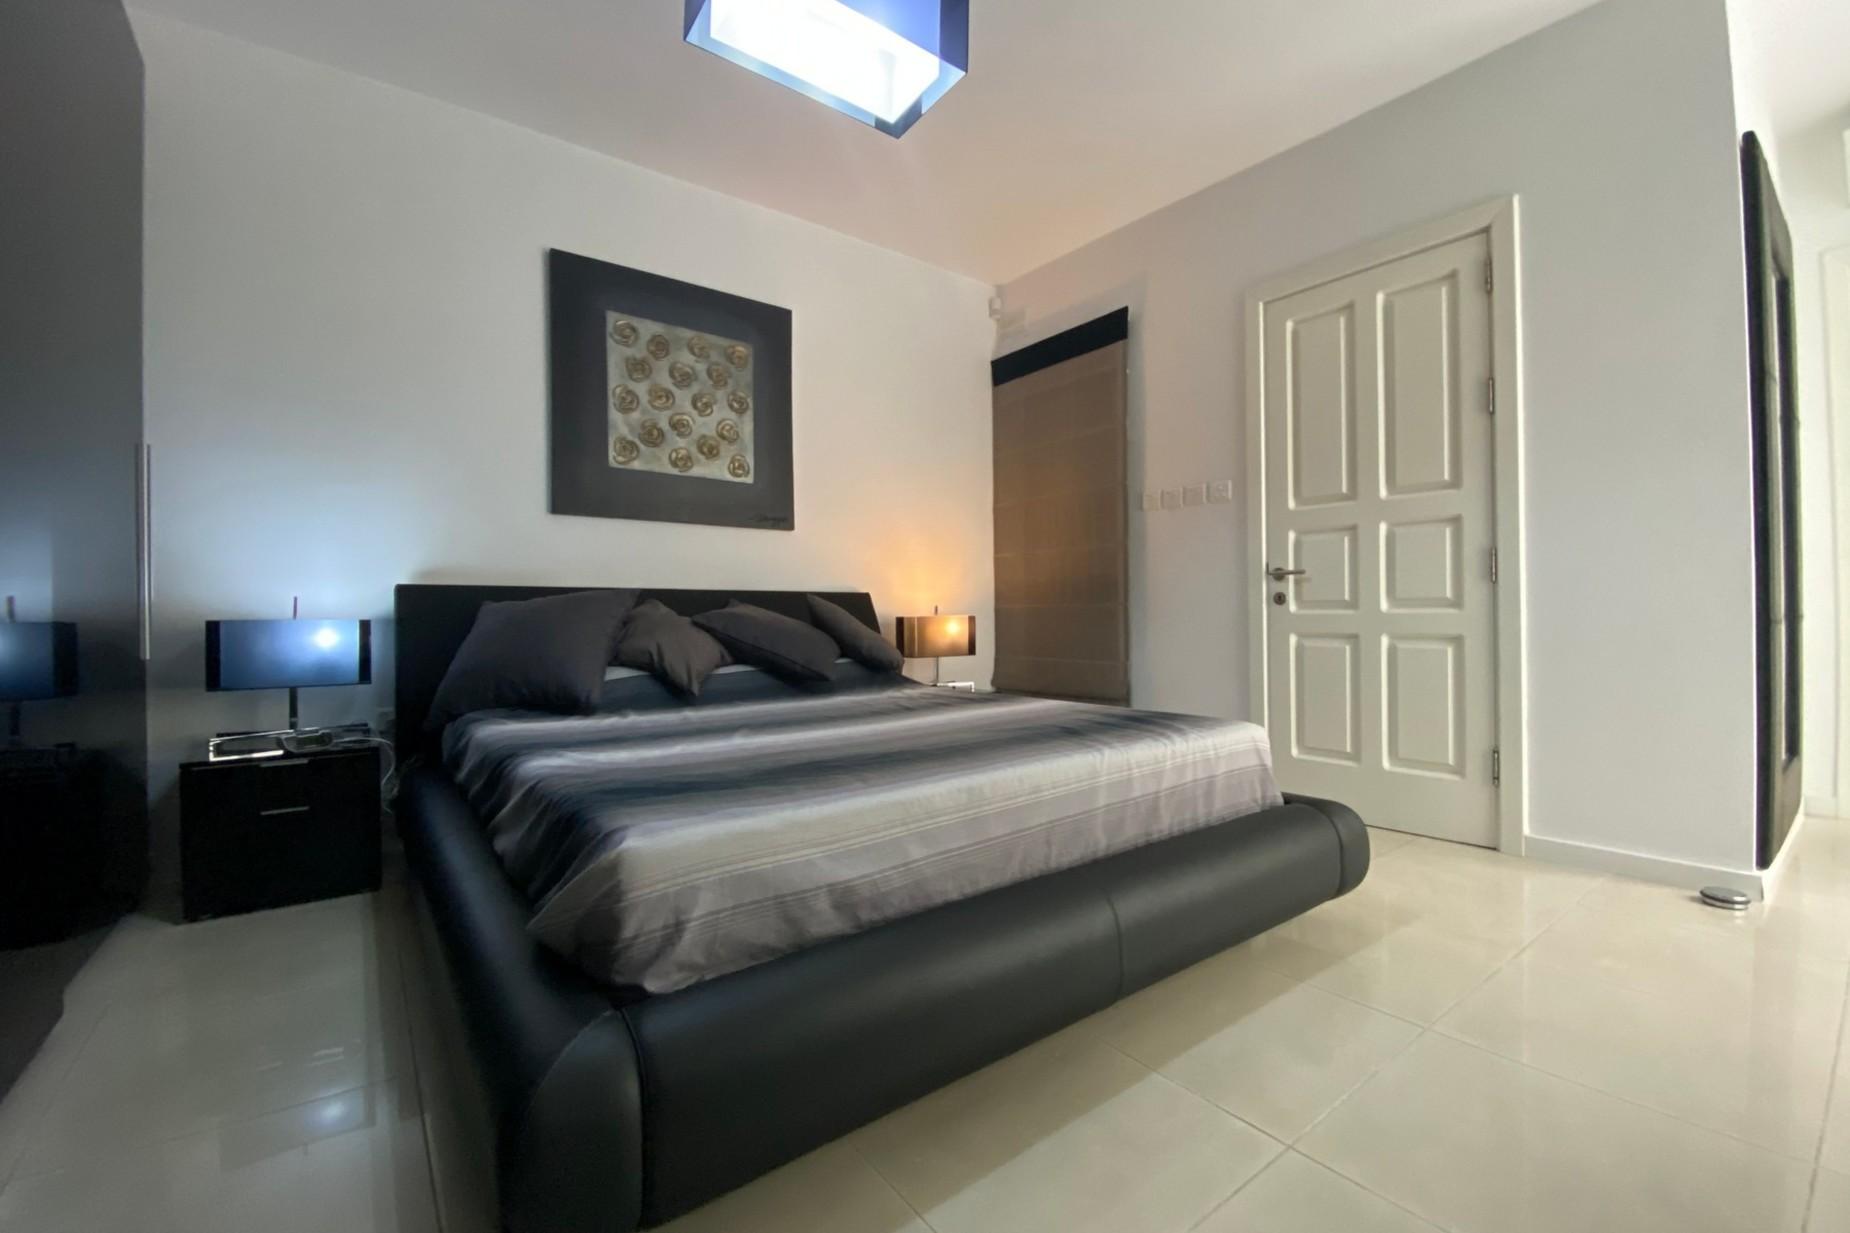 3 bed Apartment For Sale in Pieta, Pieta - thumb 22